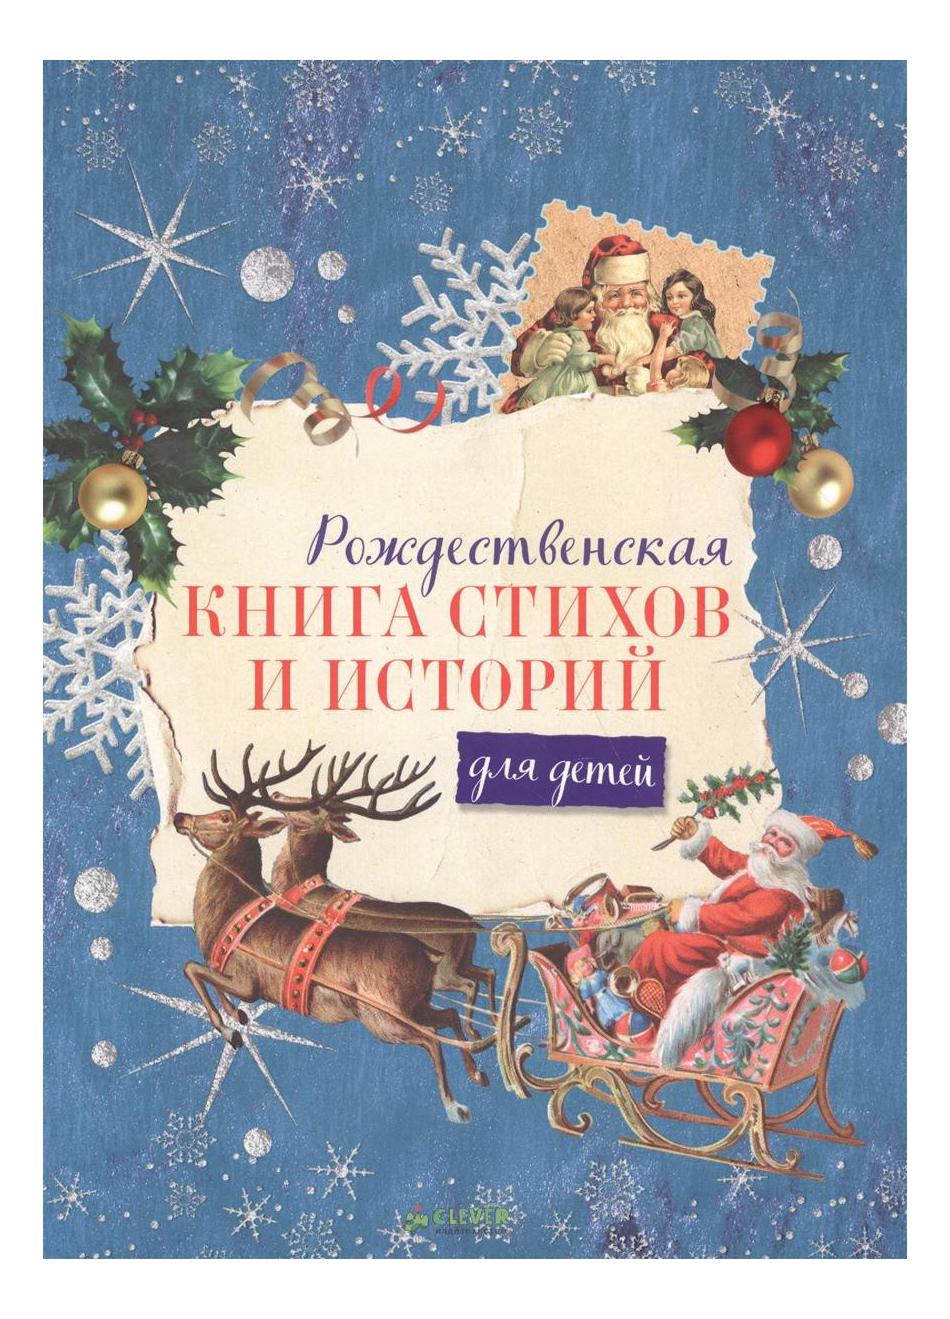 Купить Рождественская книга стихов и историй для детей, Рождественская книга Стихов и Историй для Детей, Clever, Детская художественная литература